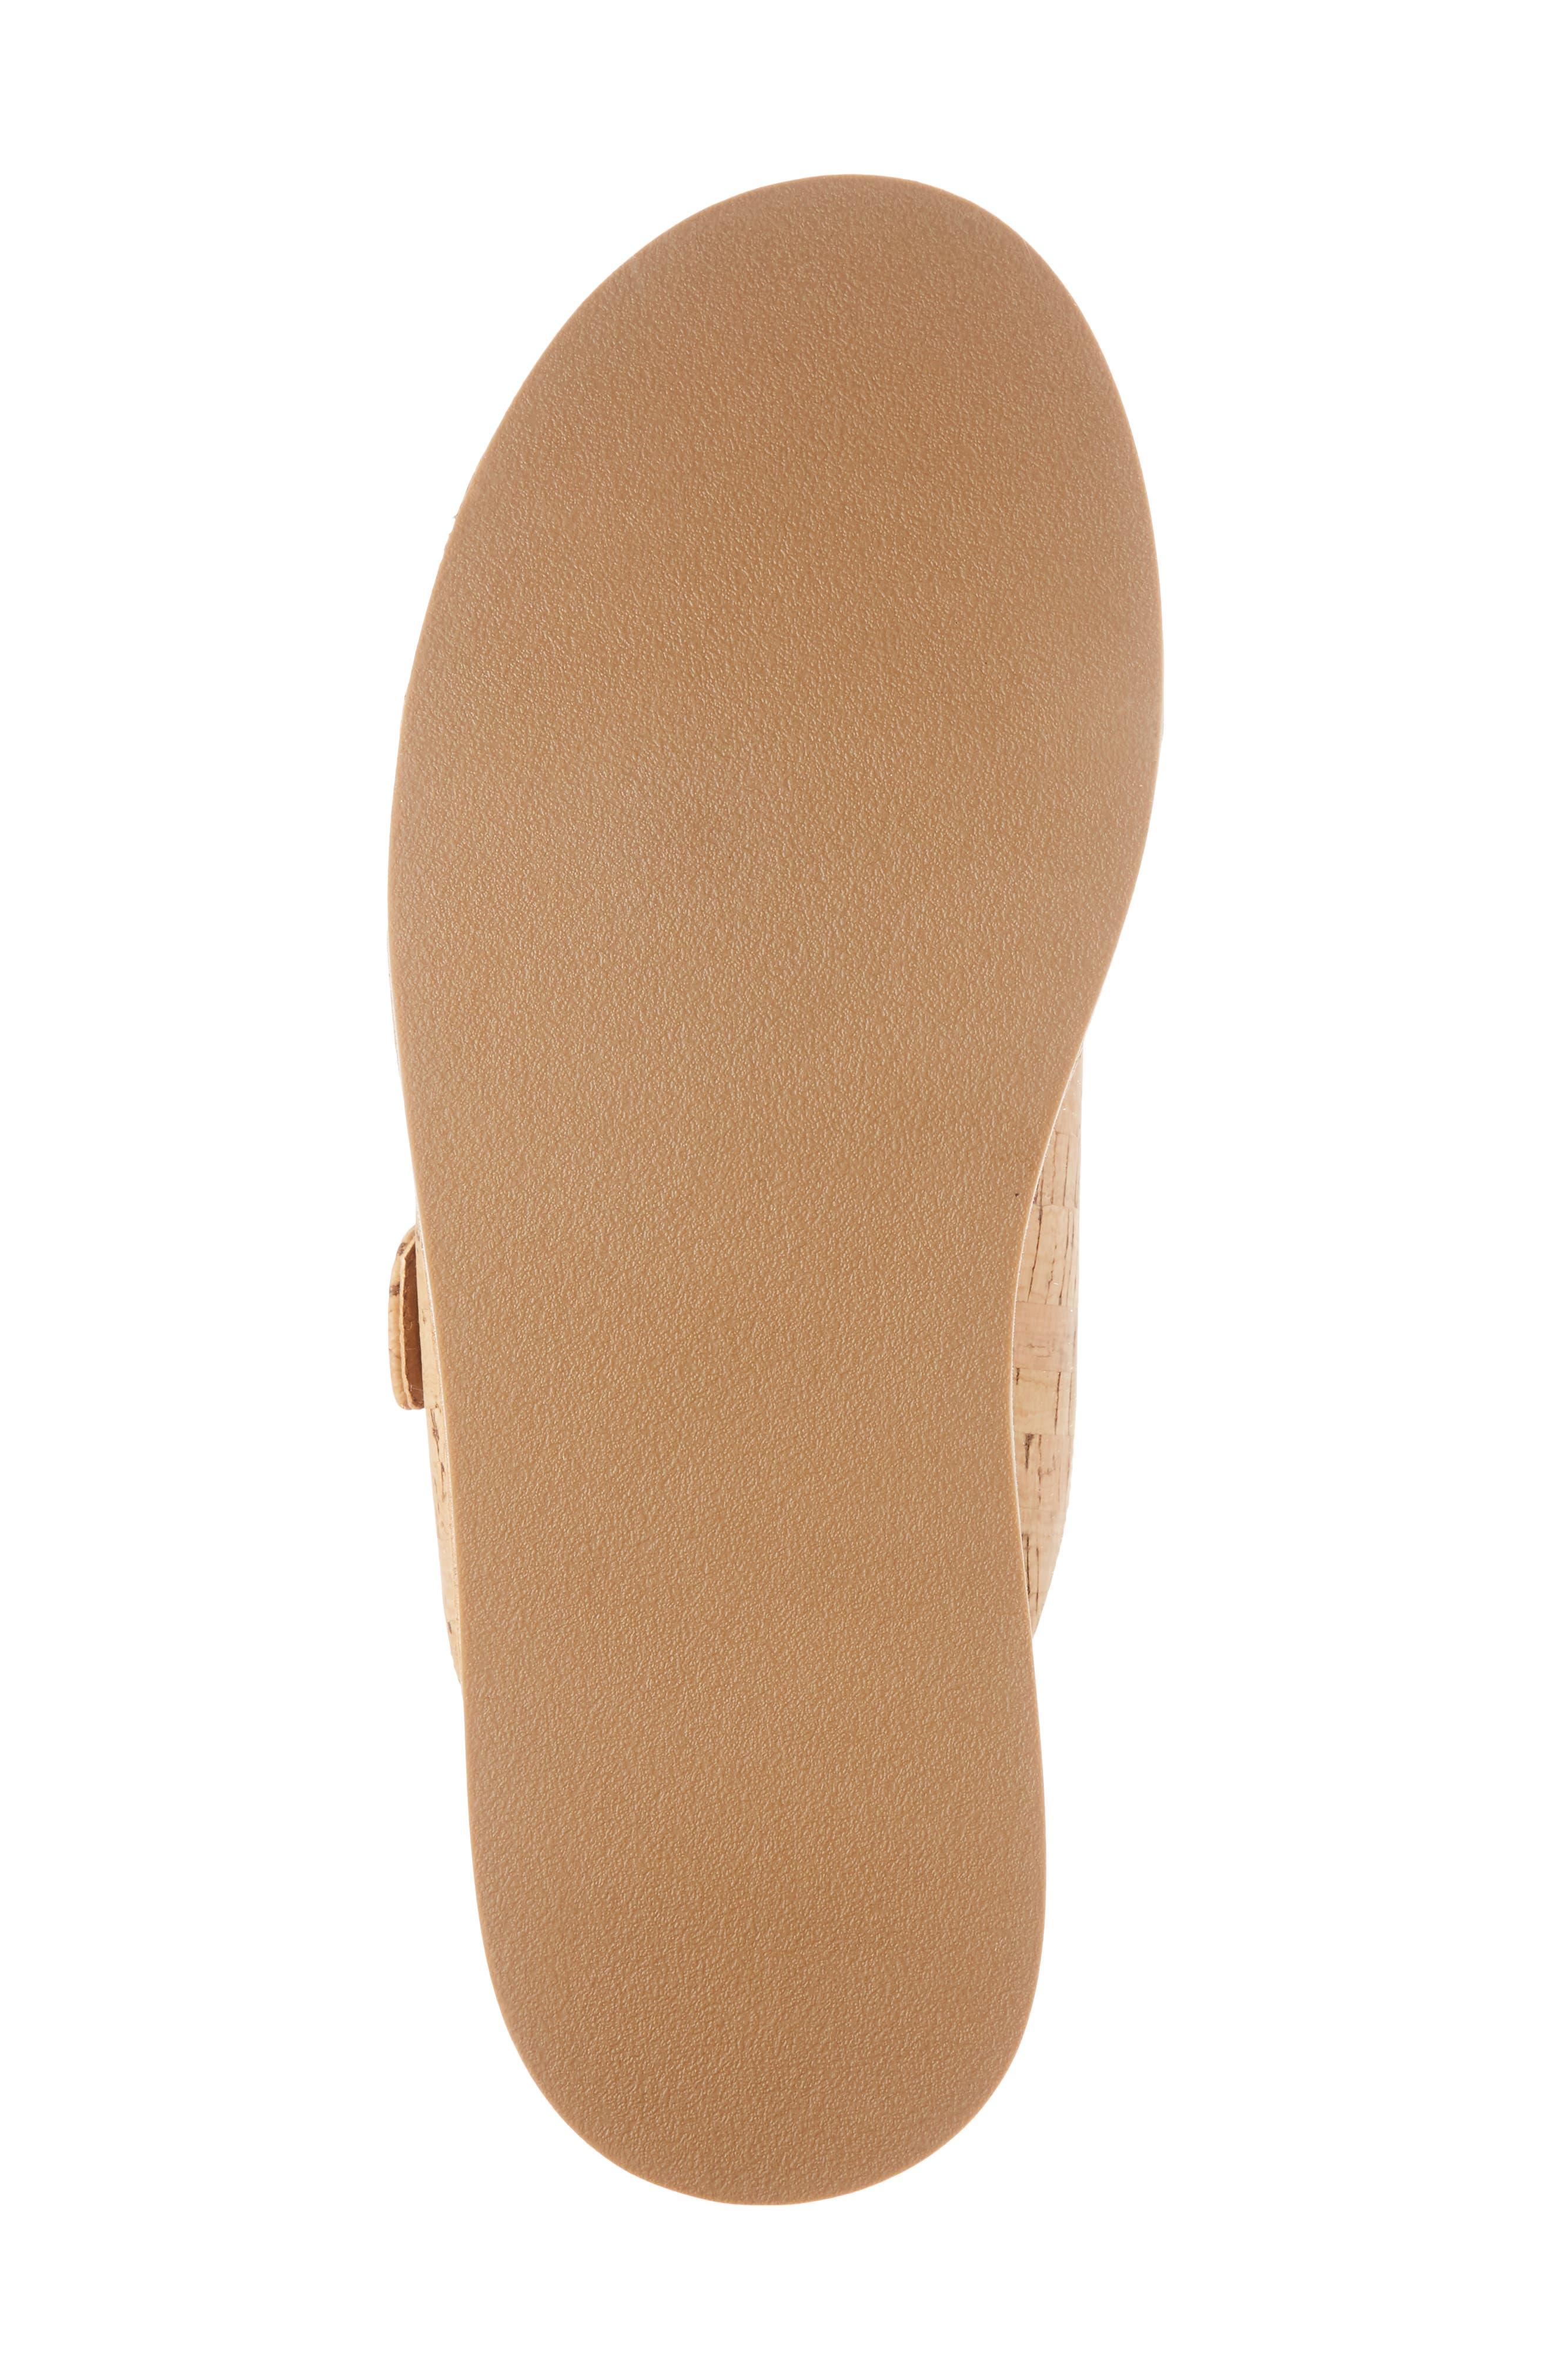 Jordan Two-Buckle Slide Sandal,                             Alternate thumbnail 6, color,                             Cork